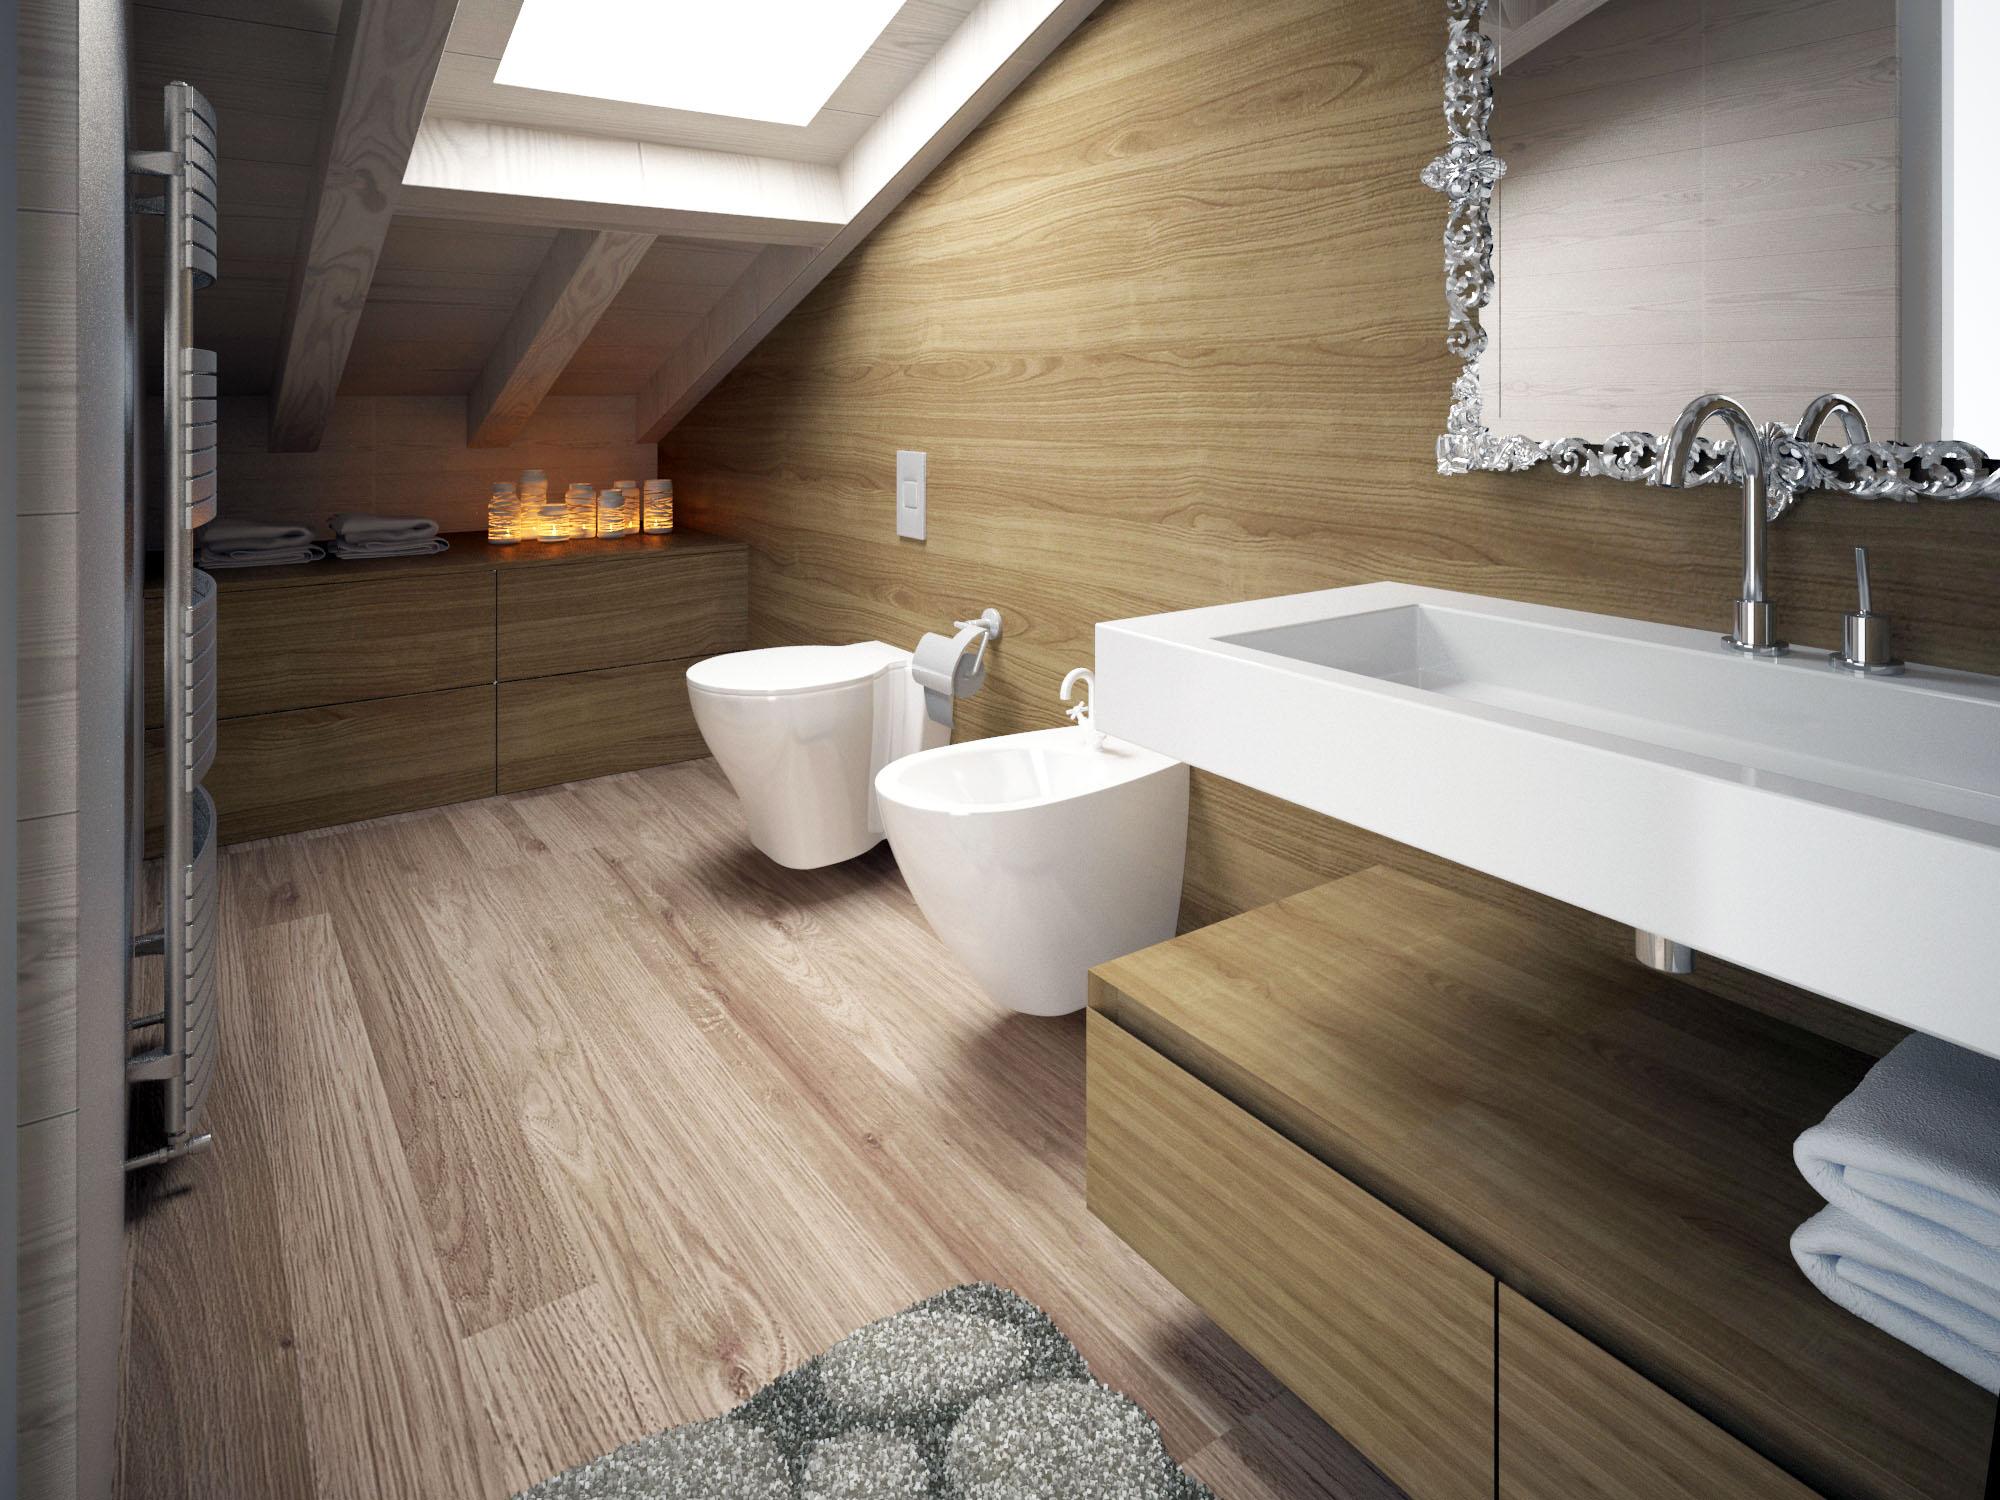 Bagno sottotetto moderno seso 75 for Arredamento per sottotetto